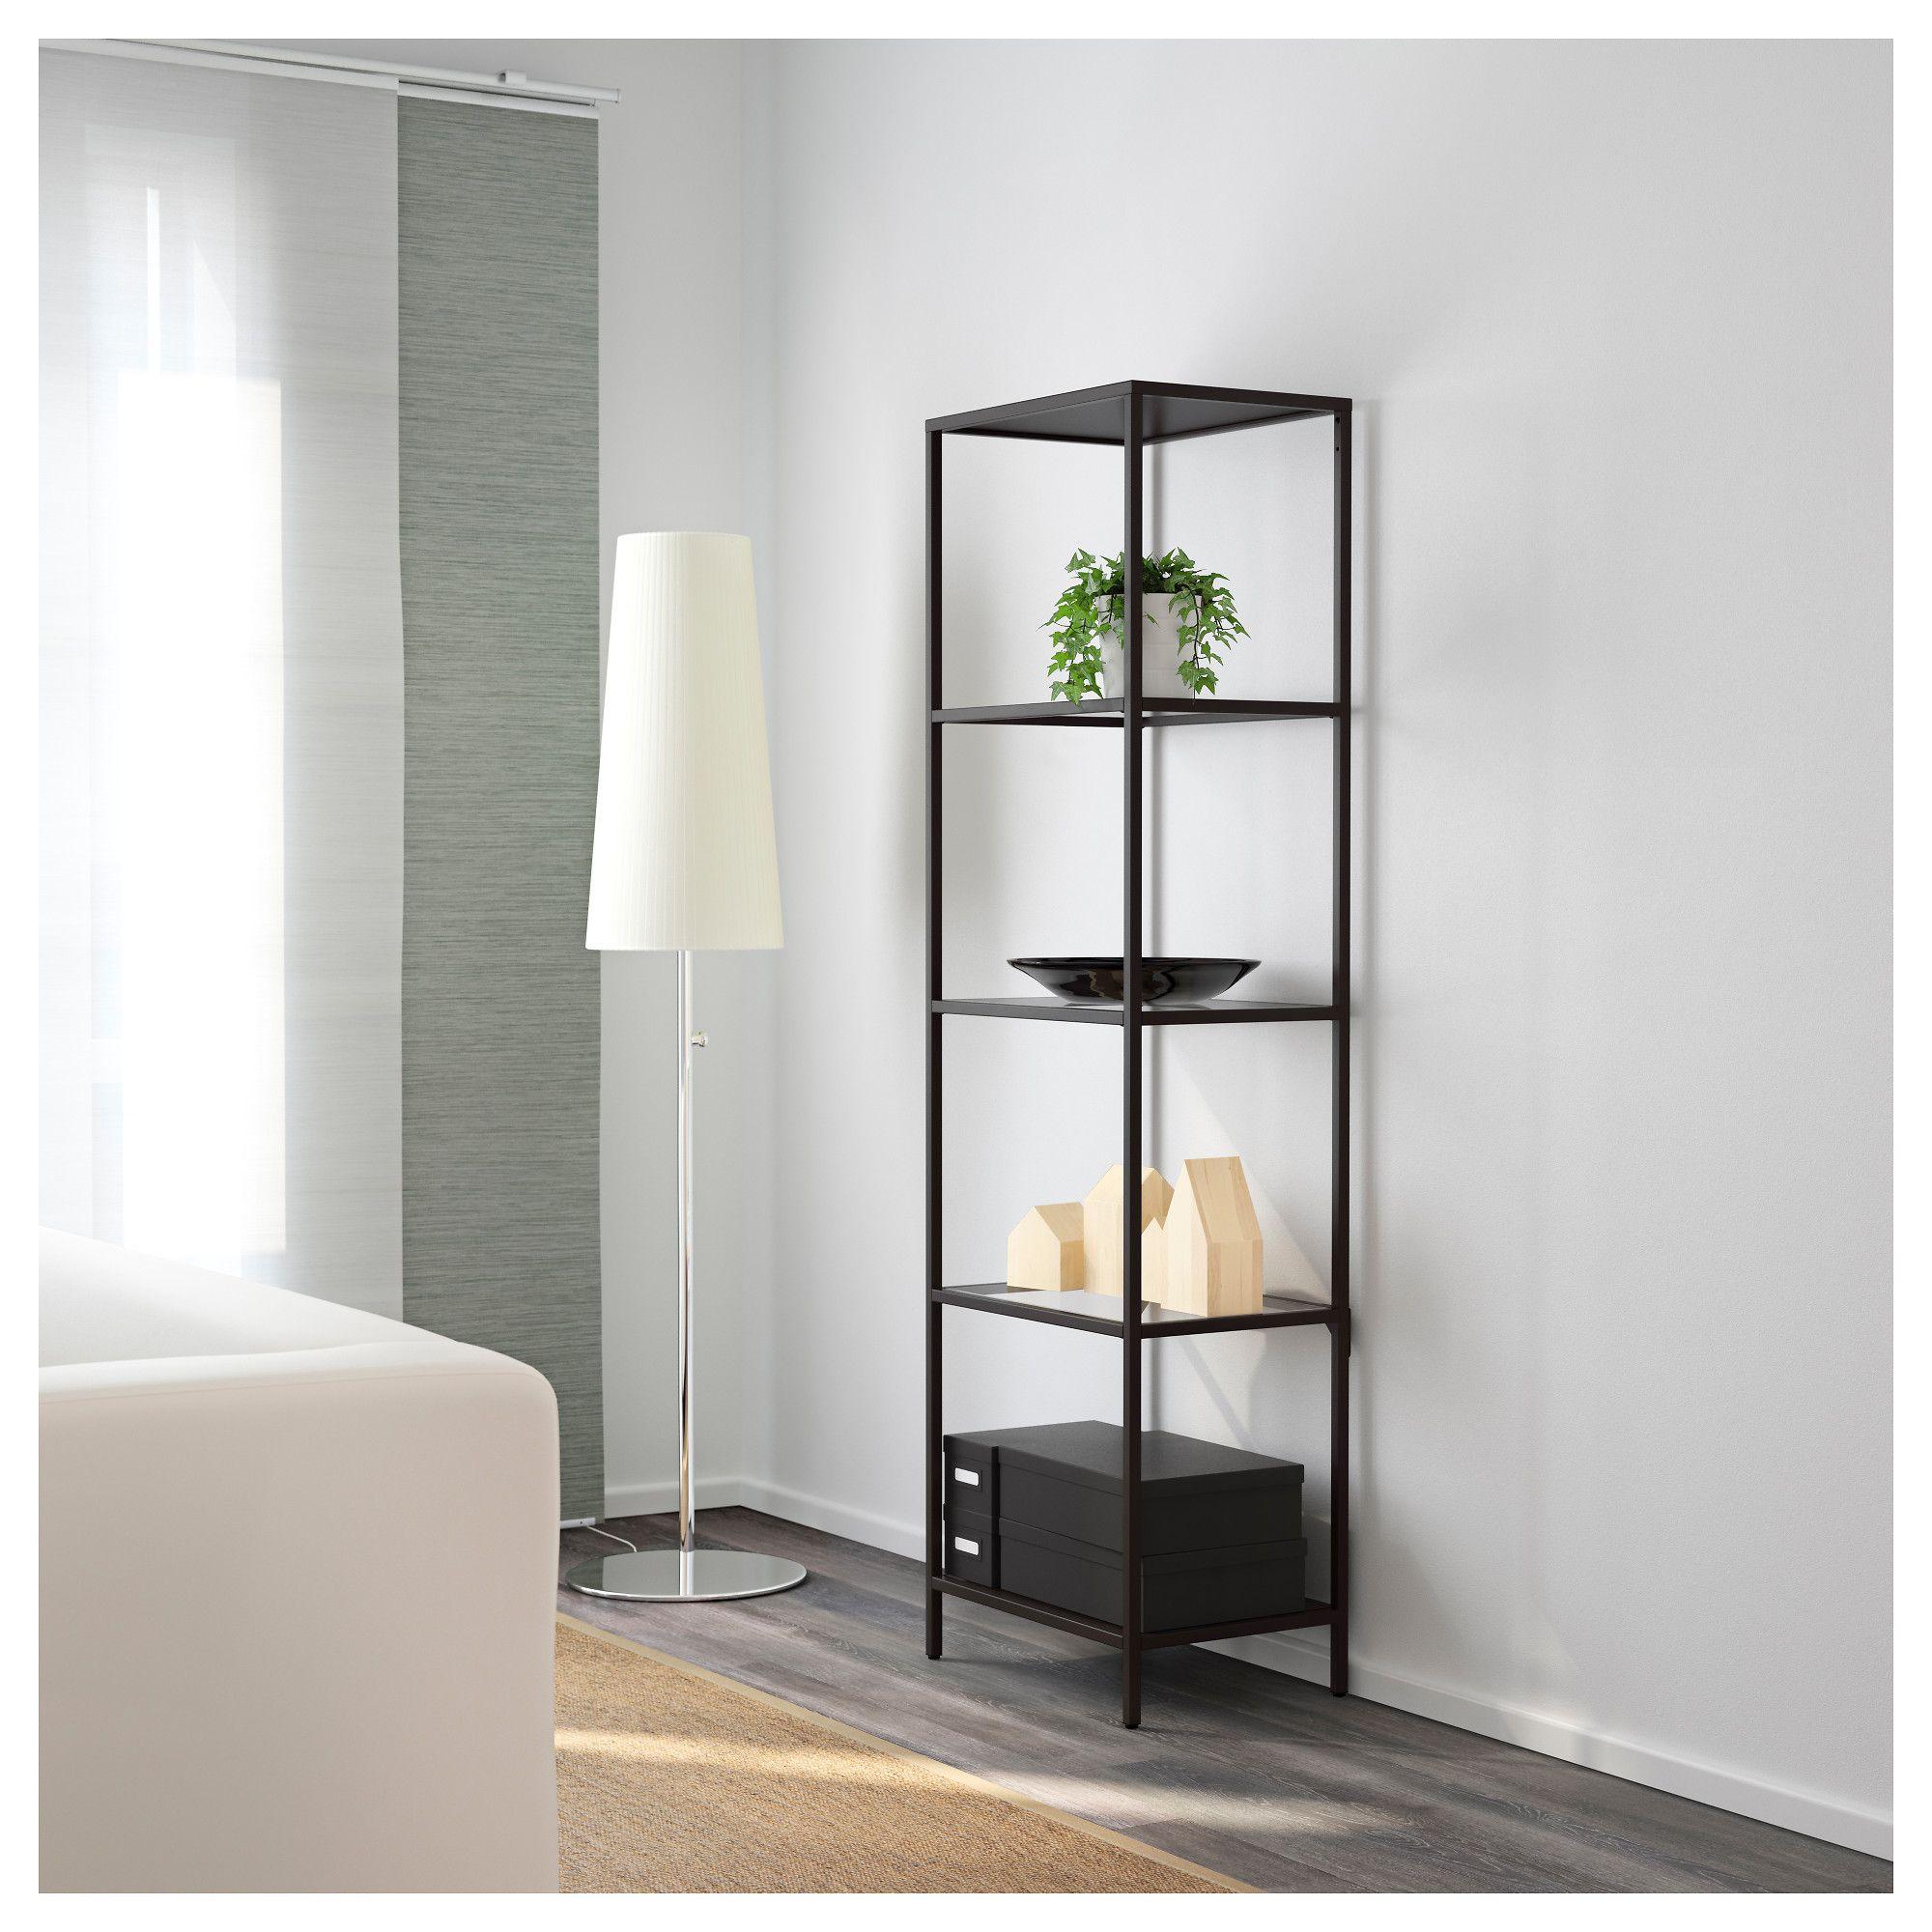 IKEA   VITTSJÖ Shelf Unit Black Brown, Glass